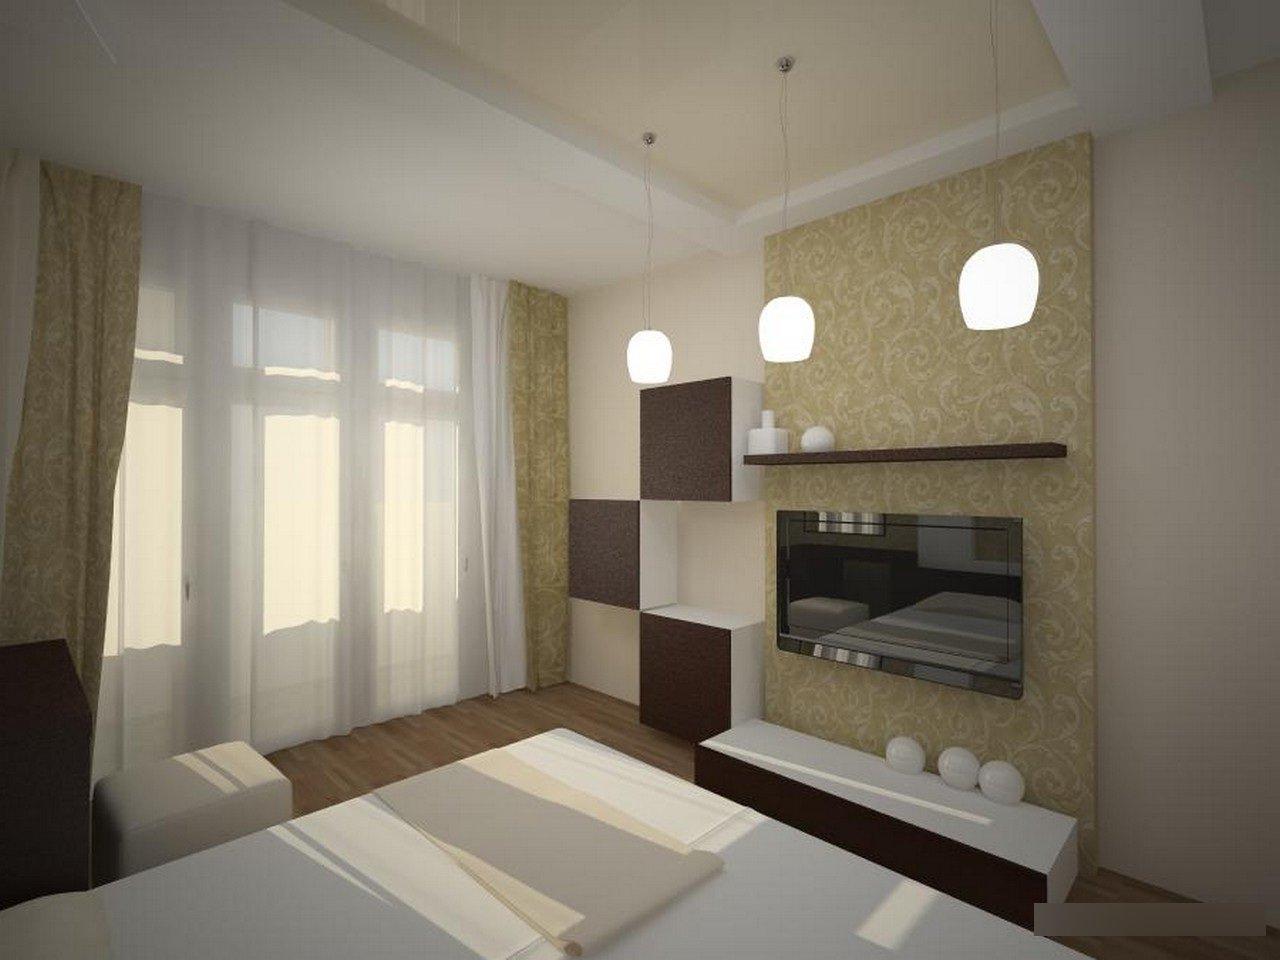 Интерьер зала (38 фото). Дизайн зала своими руками - ЭтотДом 18